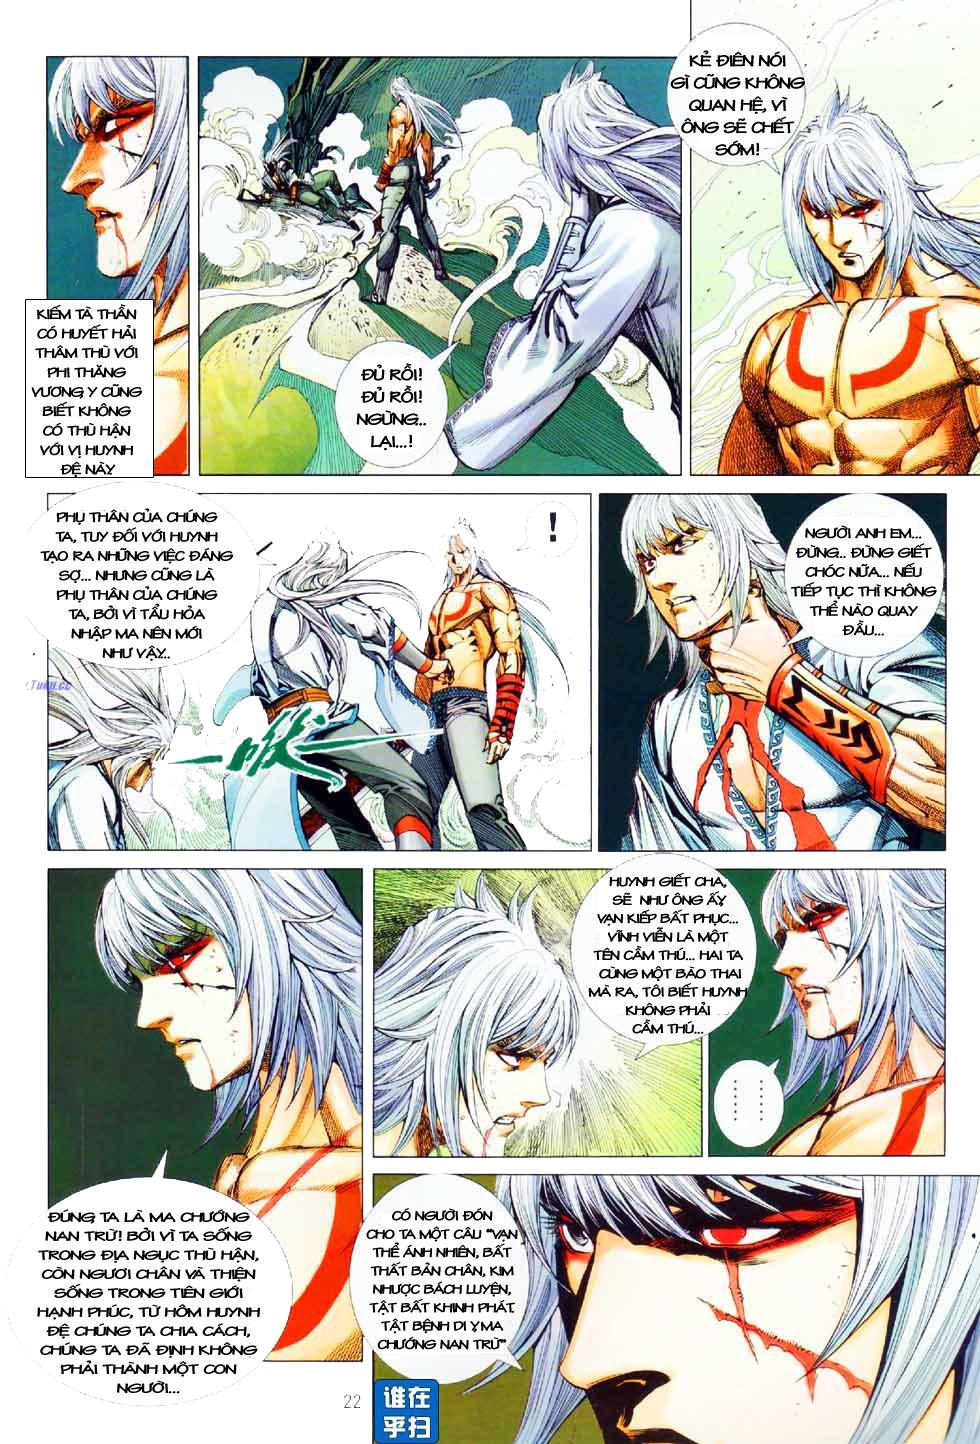 Thiên Hạ Vô Địch Kiếm Tà Thần chap 8 end trang 21